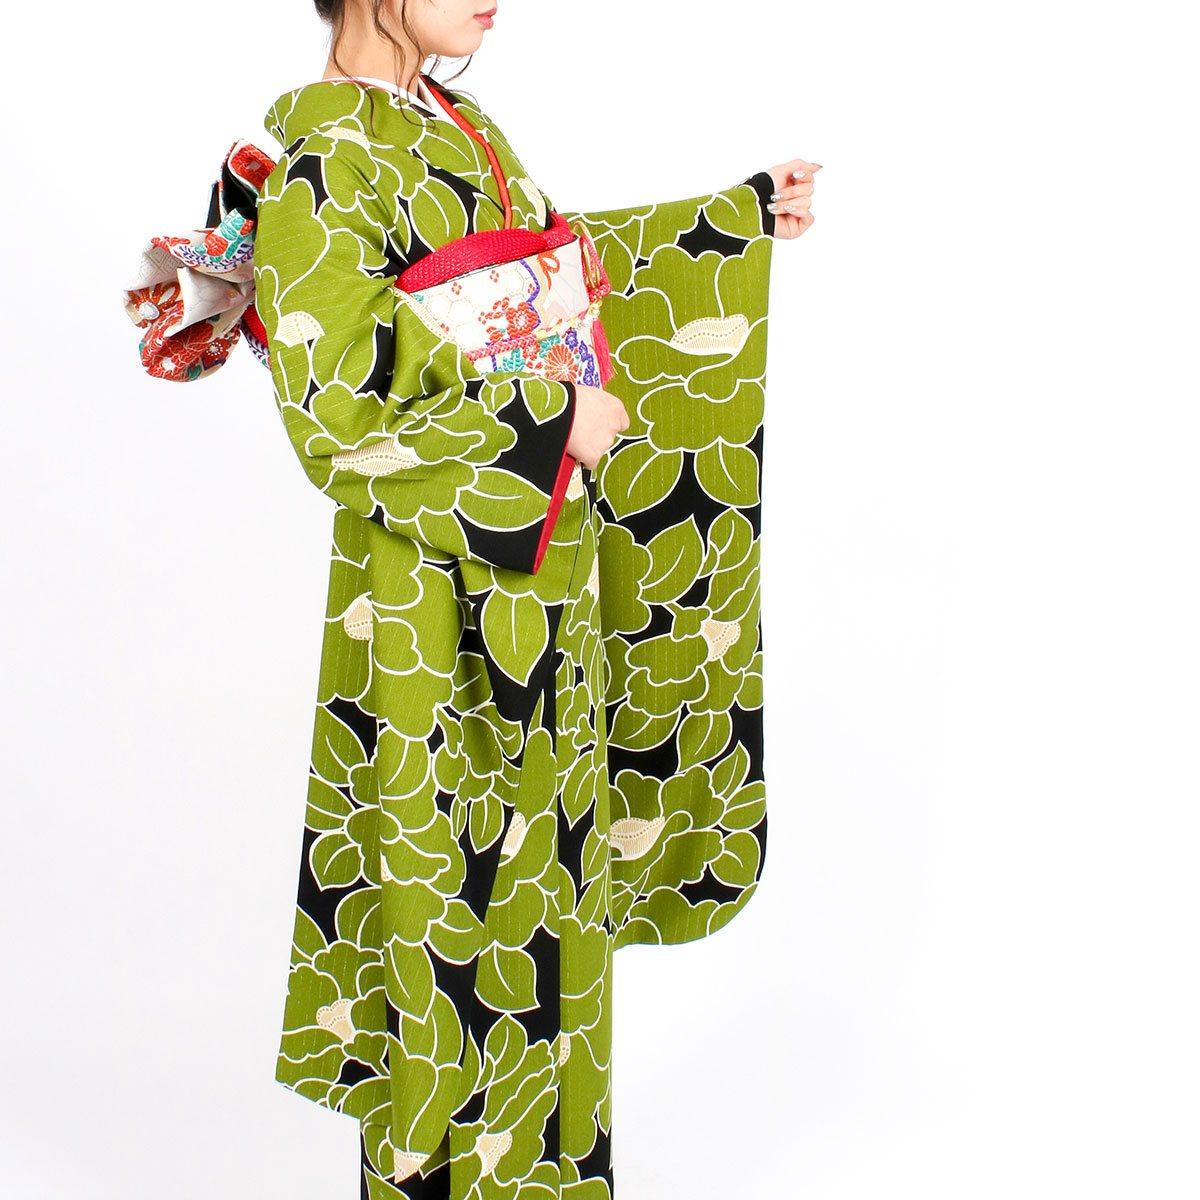 【成人式】 [安心の長期間レンタル]【対応身長155cm〜170cm】【合繊】レンタル振袖フルセット-940|レトロ|花柄|クール系|モダン|緑系|黒